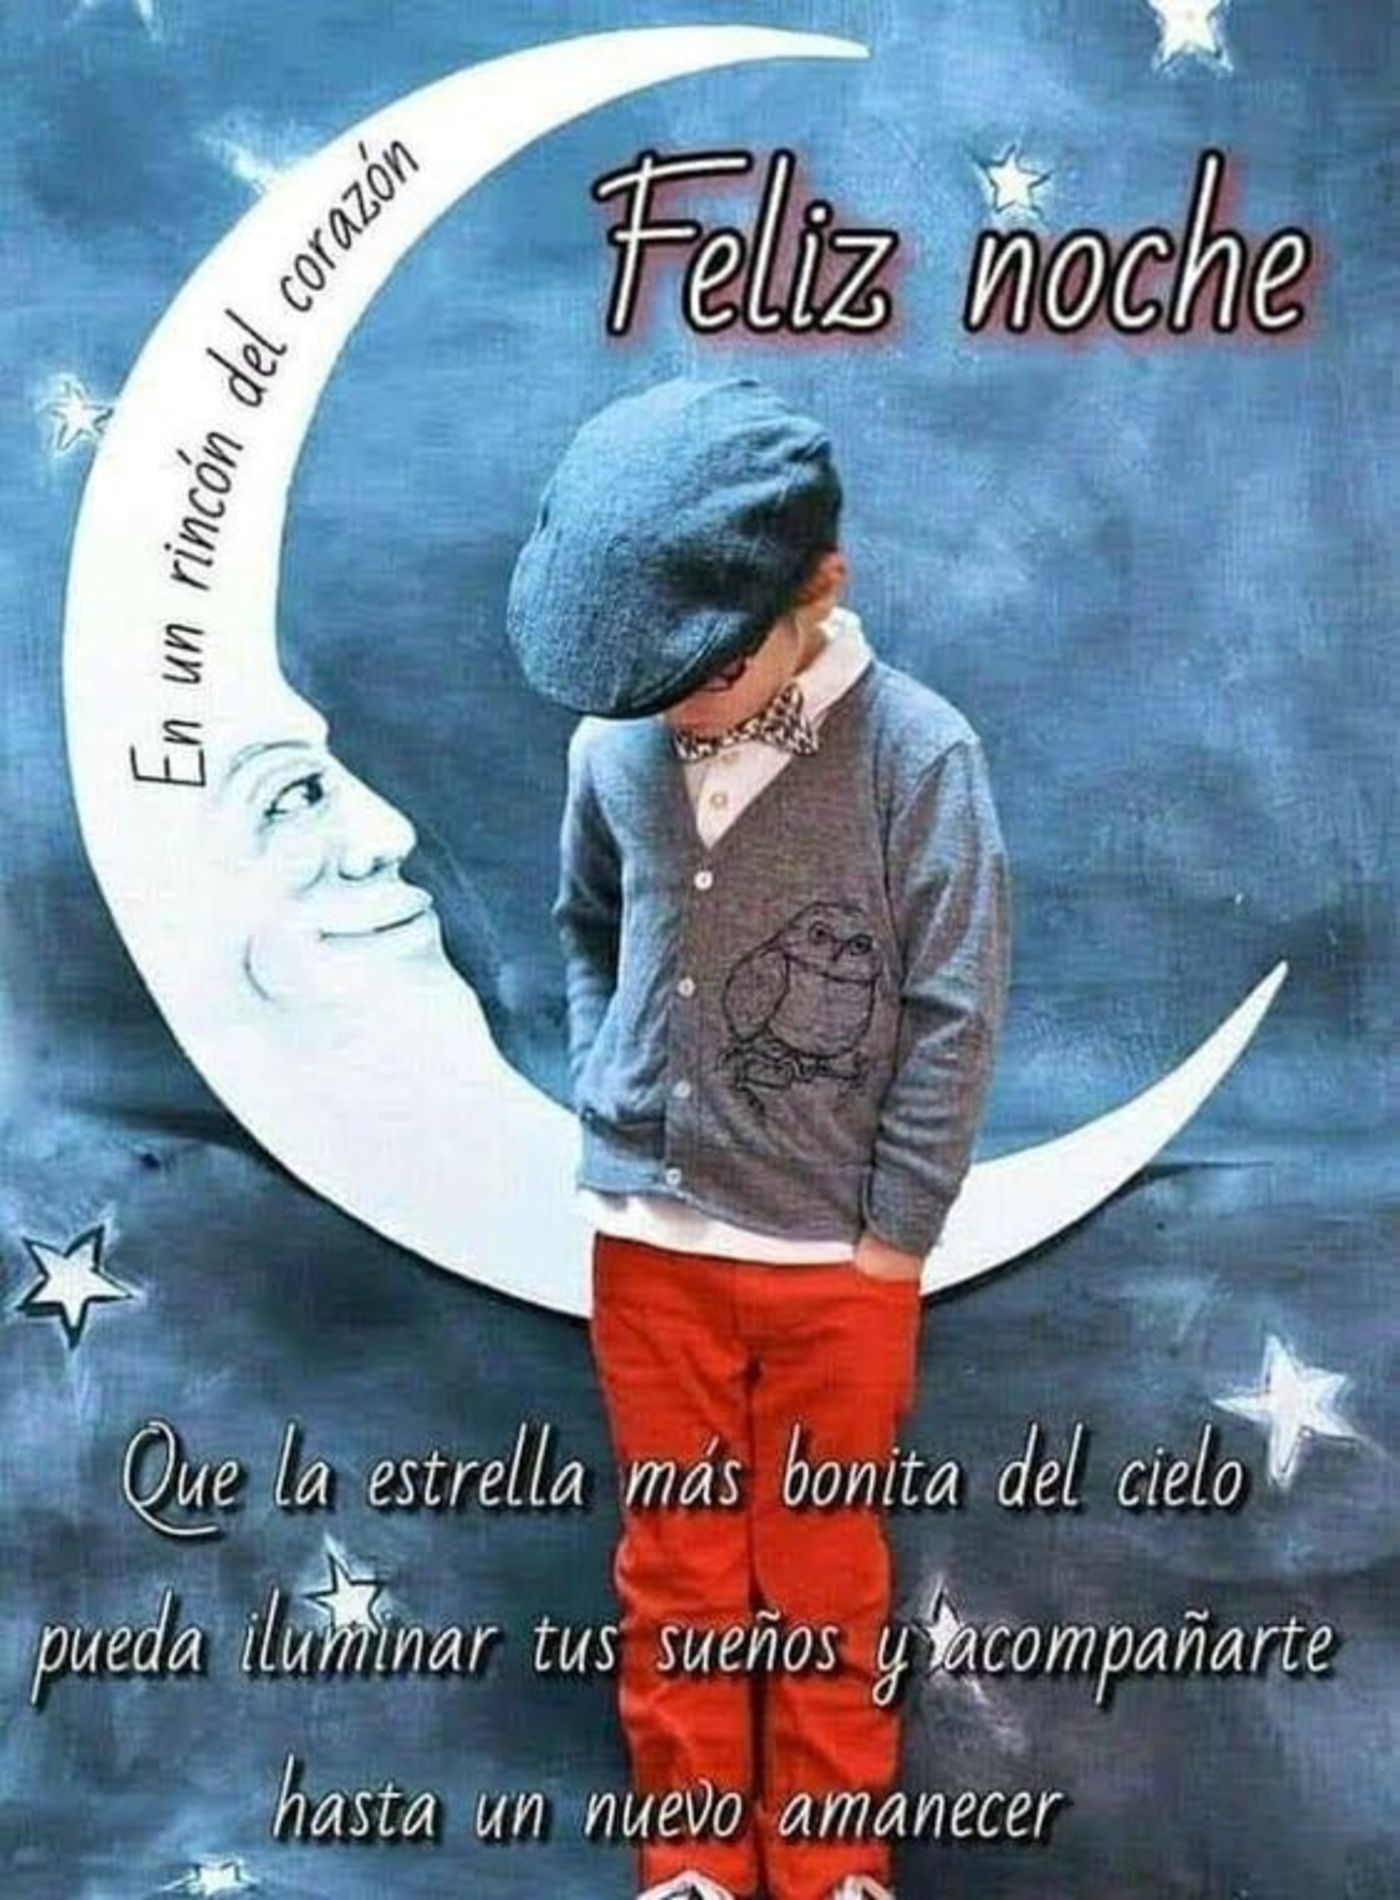 Feliz noche que la estrella más bonita del cielo pueda iluminar tus sueños y acompañarte hasta un nuevo amanecer